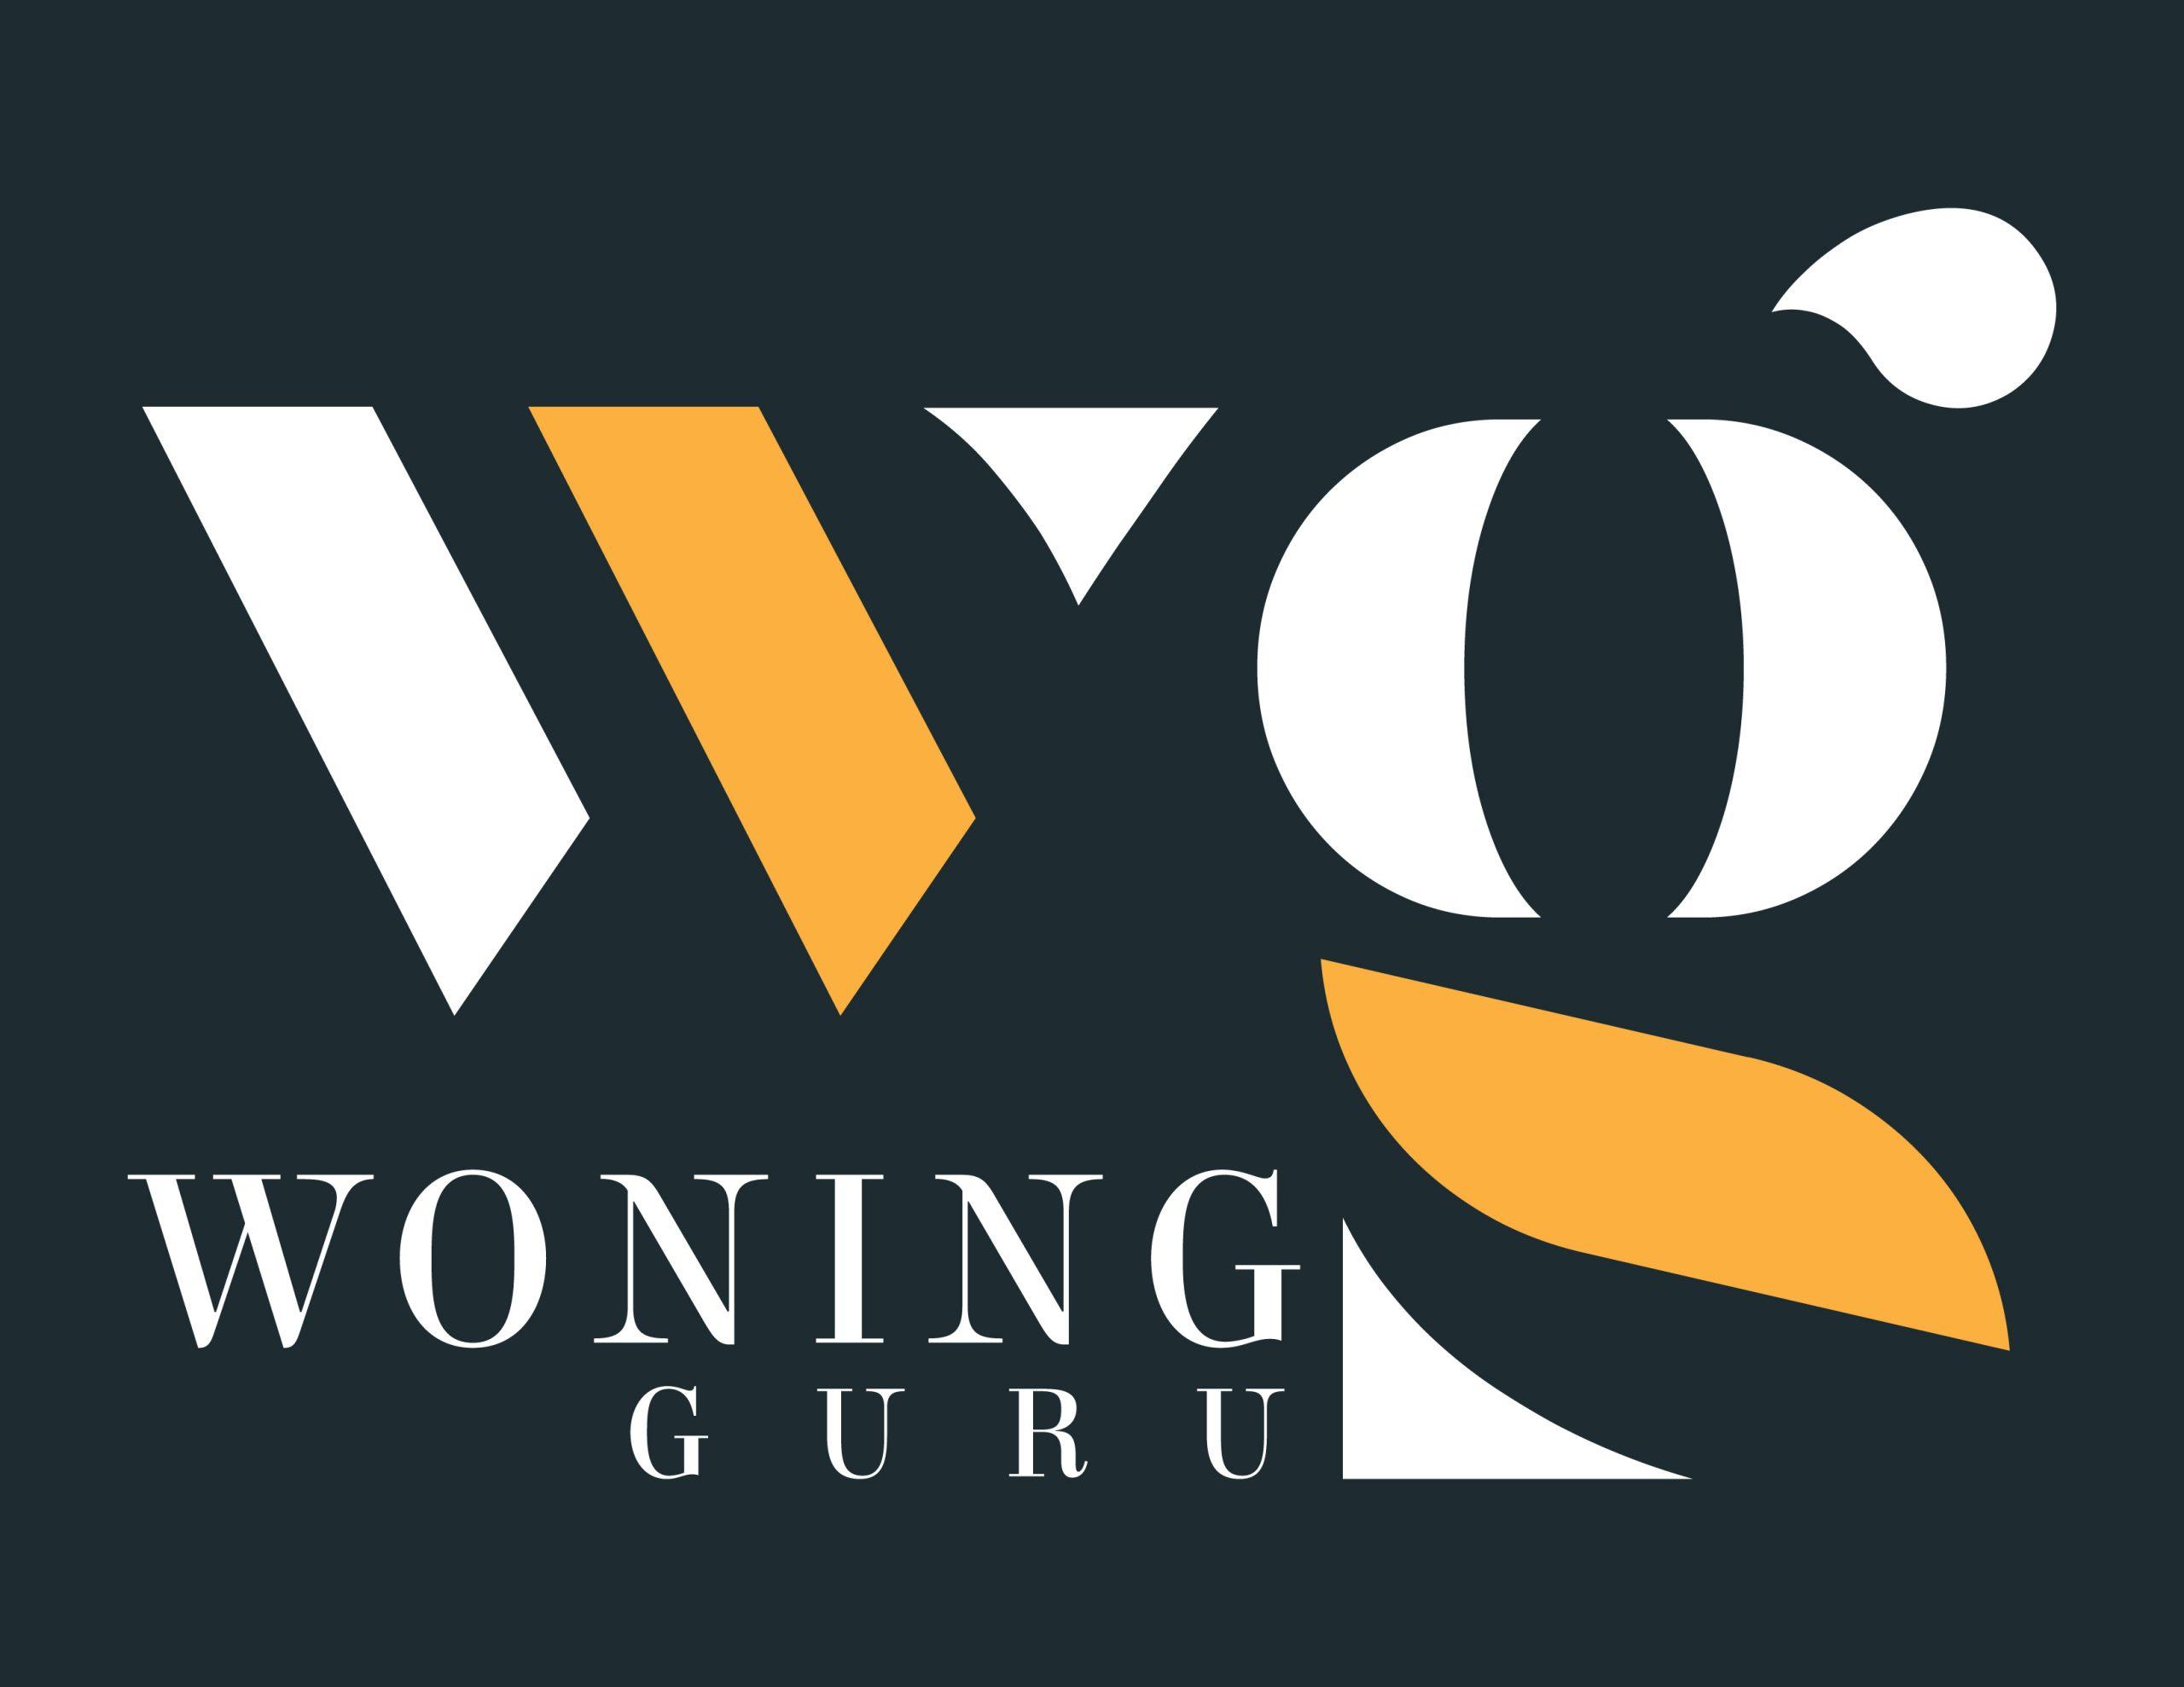 Woning Guru